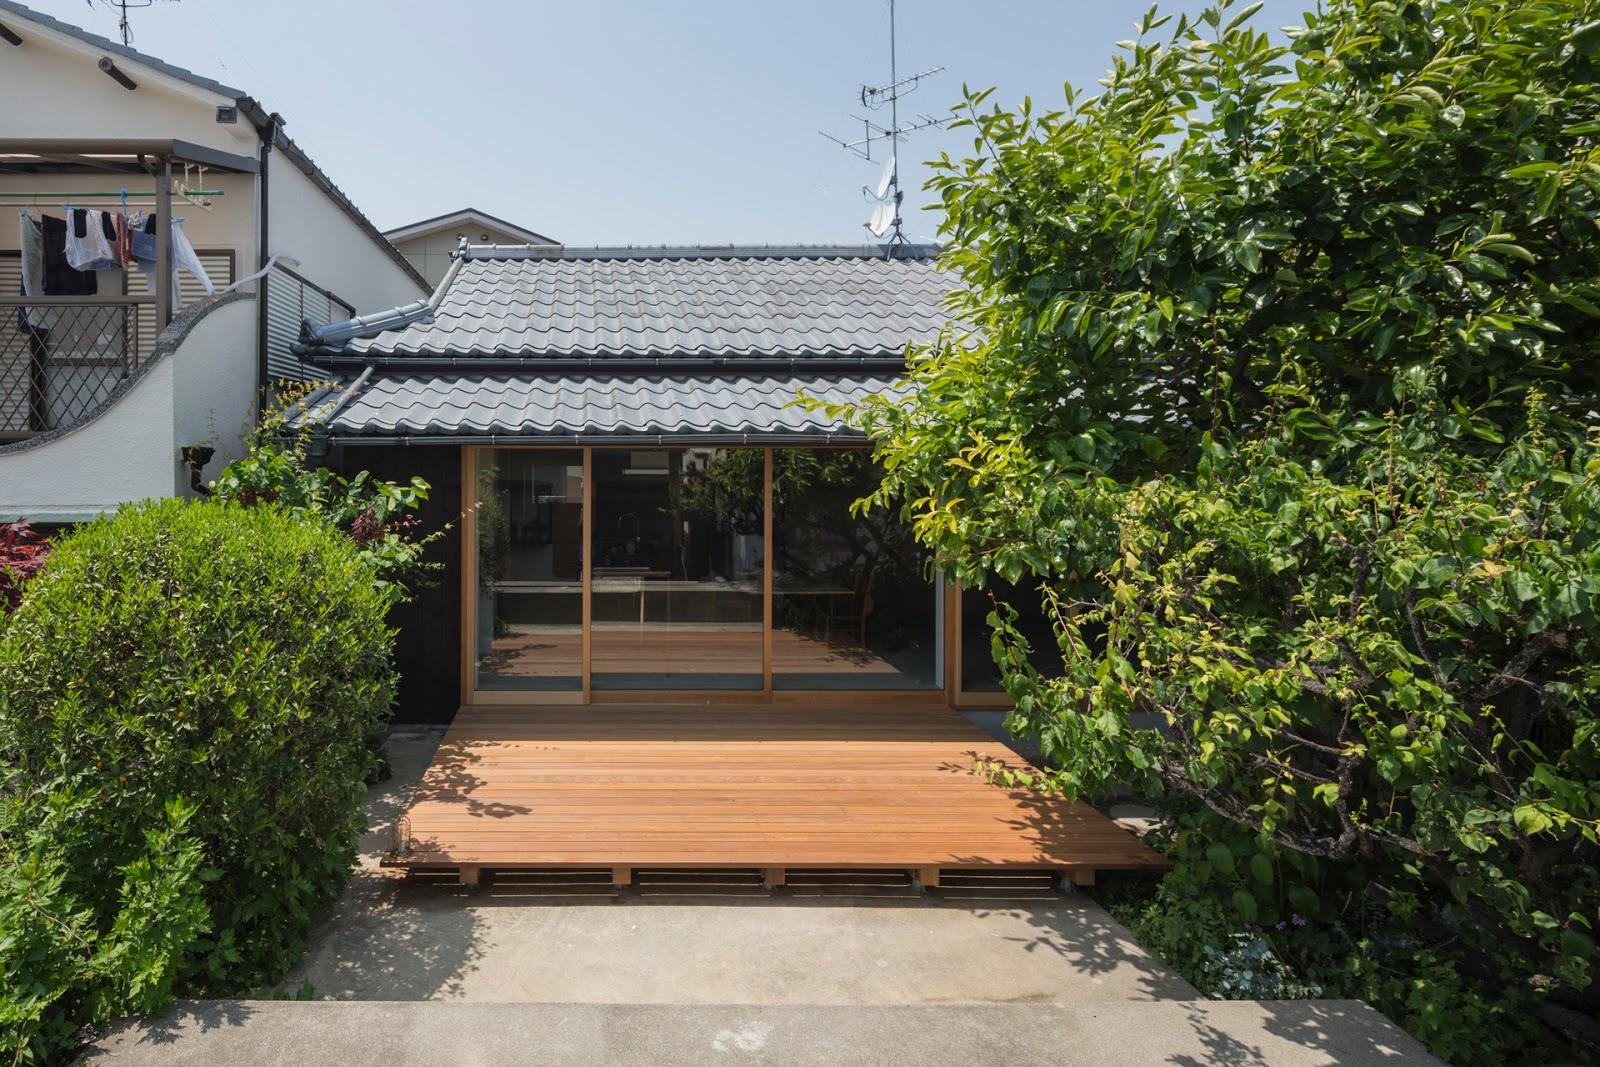 nom d 39 une maison japonaise qui transfigure la beaut berenice big. Black Bedroom Furniture Sets. Home Design Ideas